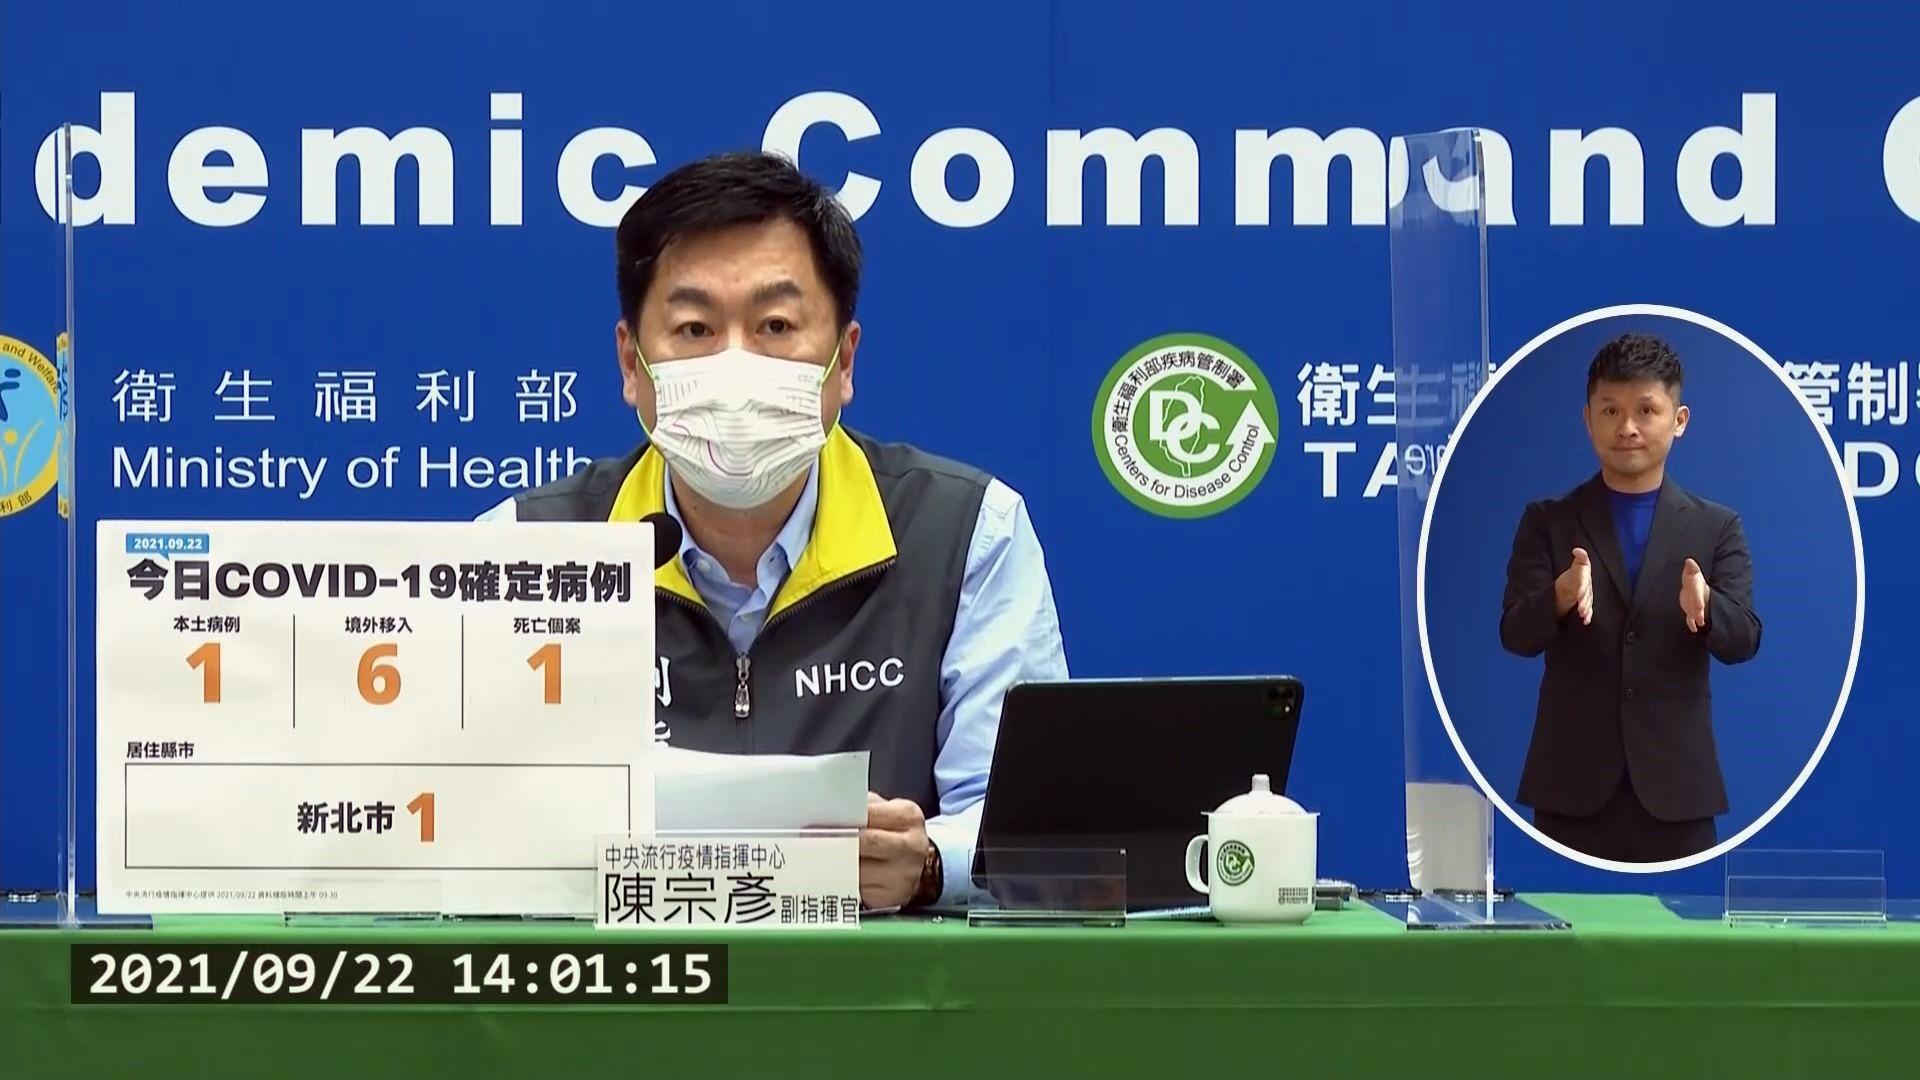 Taiwan laporkan penambahan 1 kasus lokal, 6 kasus impor, 1 meninggal